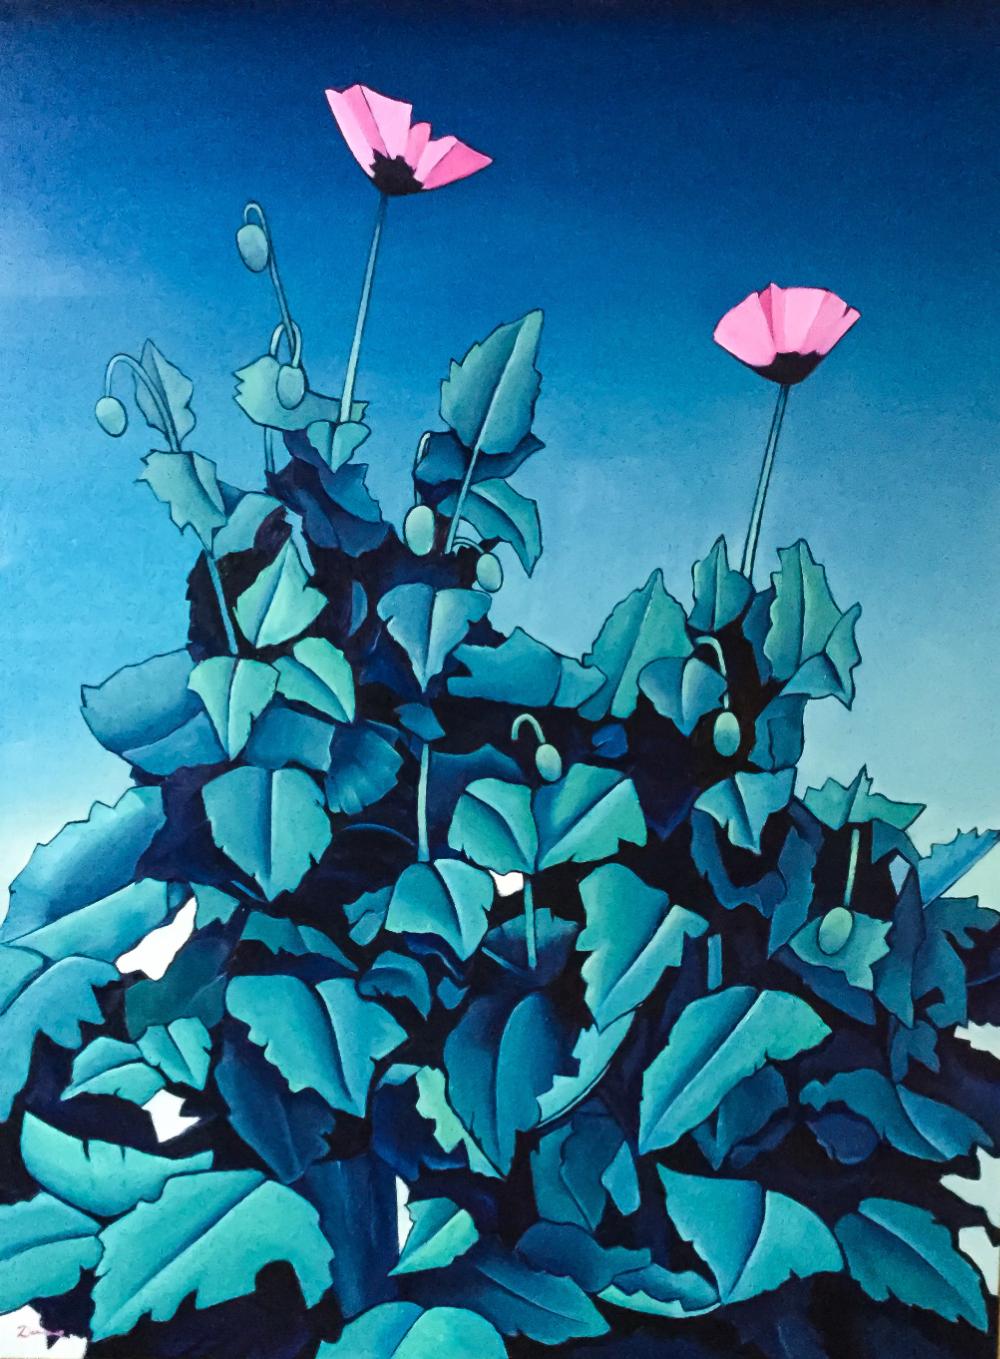 Poppys by Artist Pete Dunne